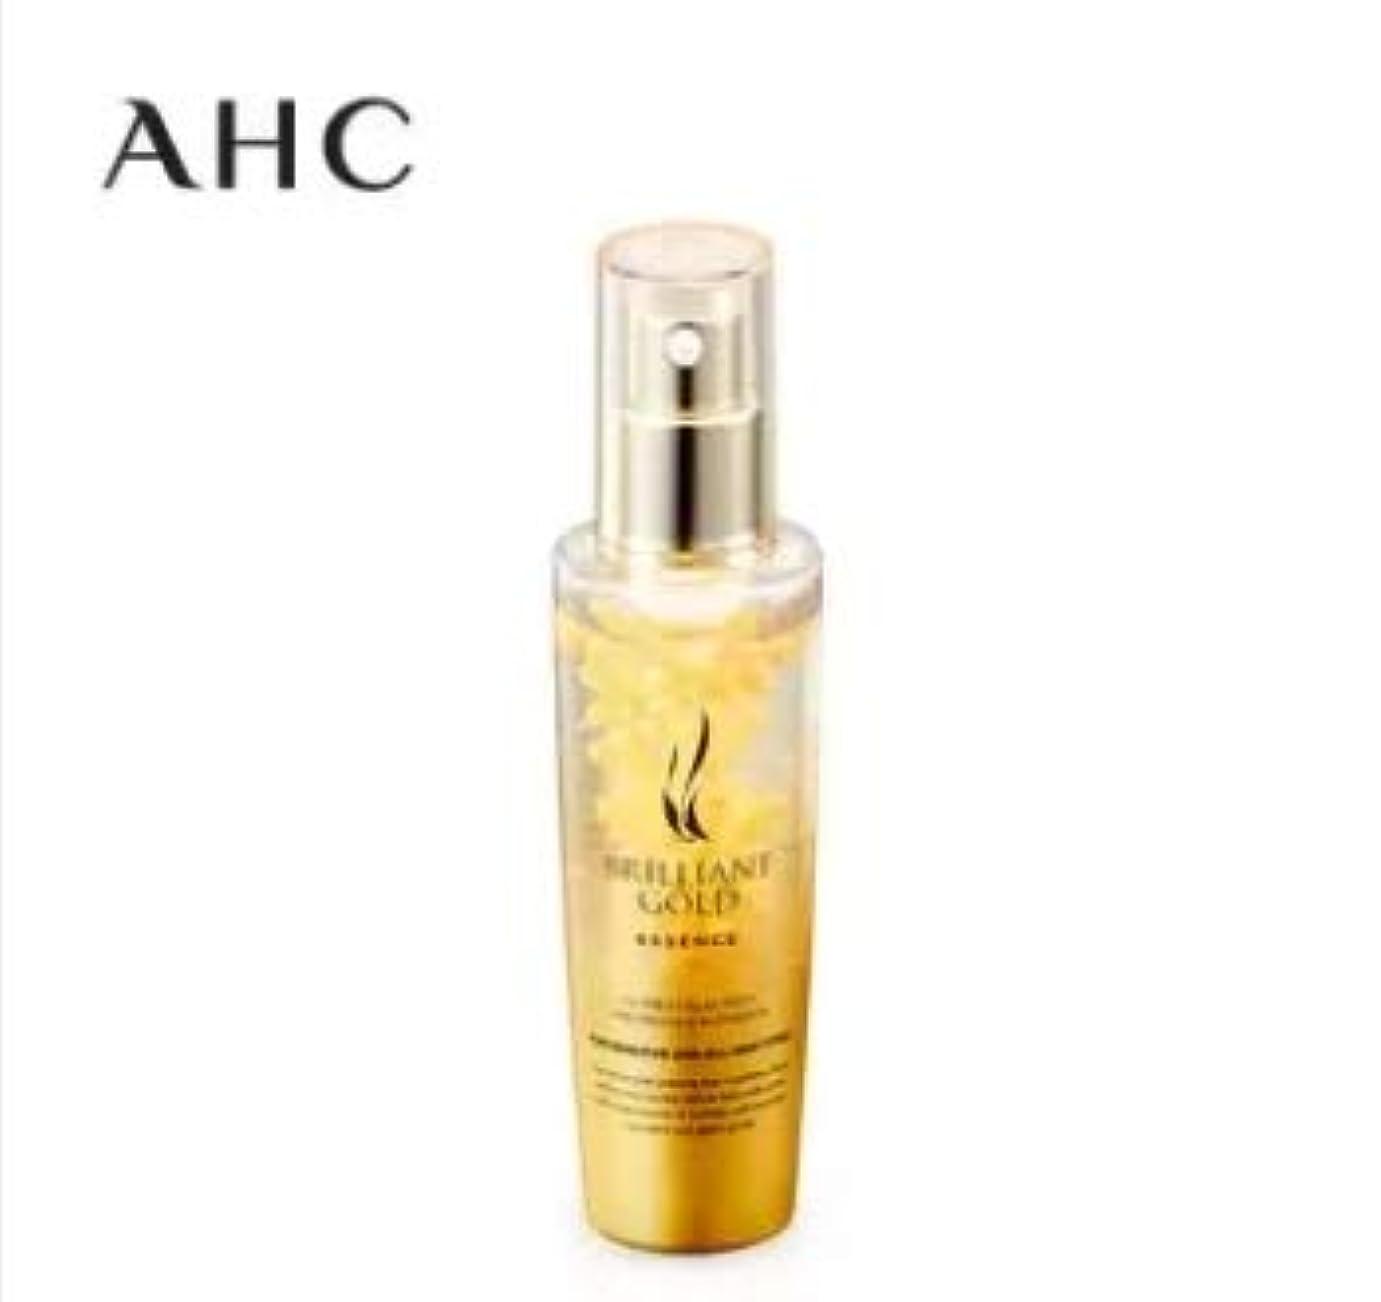 スチュワード国内の教義AHCブリリアントゴールドエッセンス60mlブライトニング+リンクルケア韓国の人気有名ブランド血清エッセンス肌の保湿スキンケア本当に洗顔